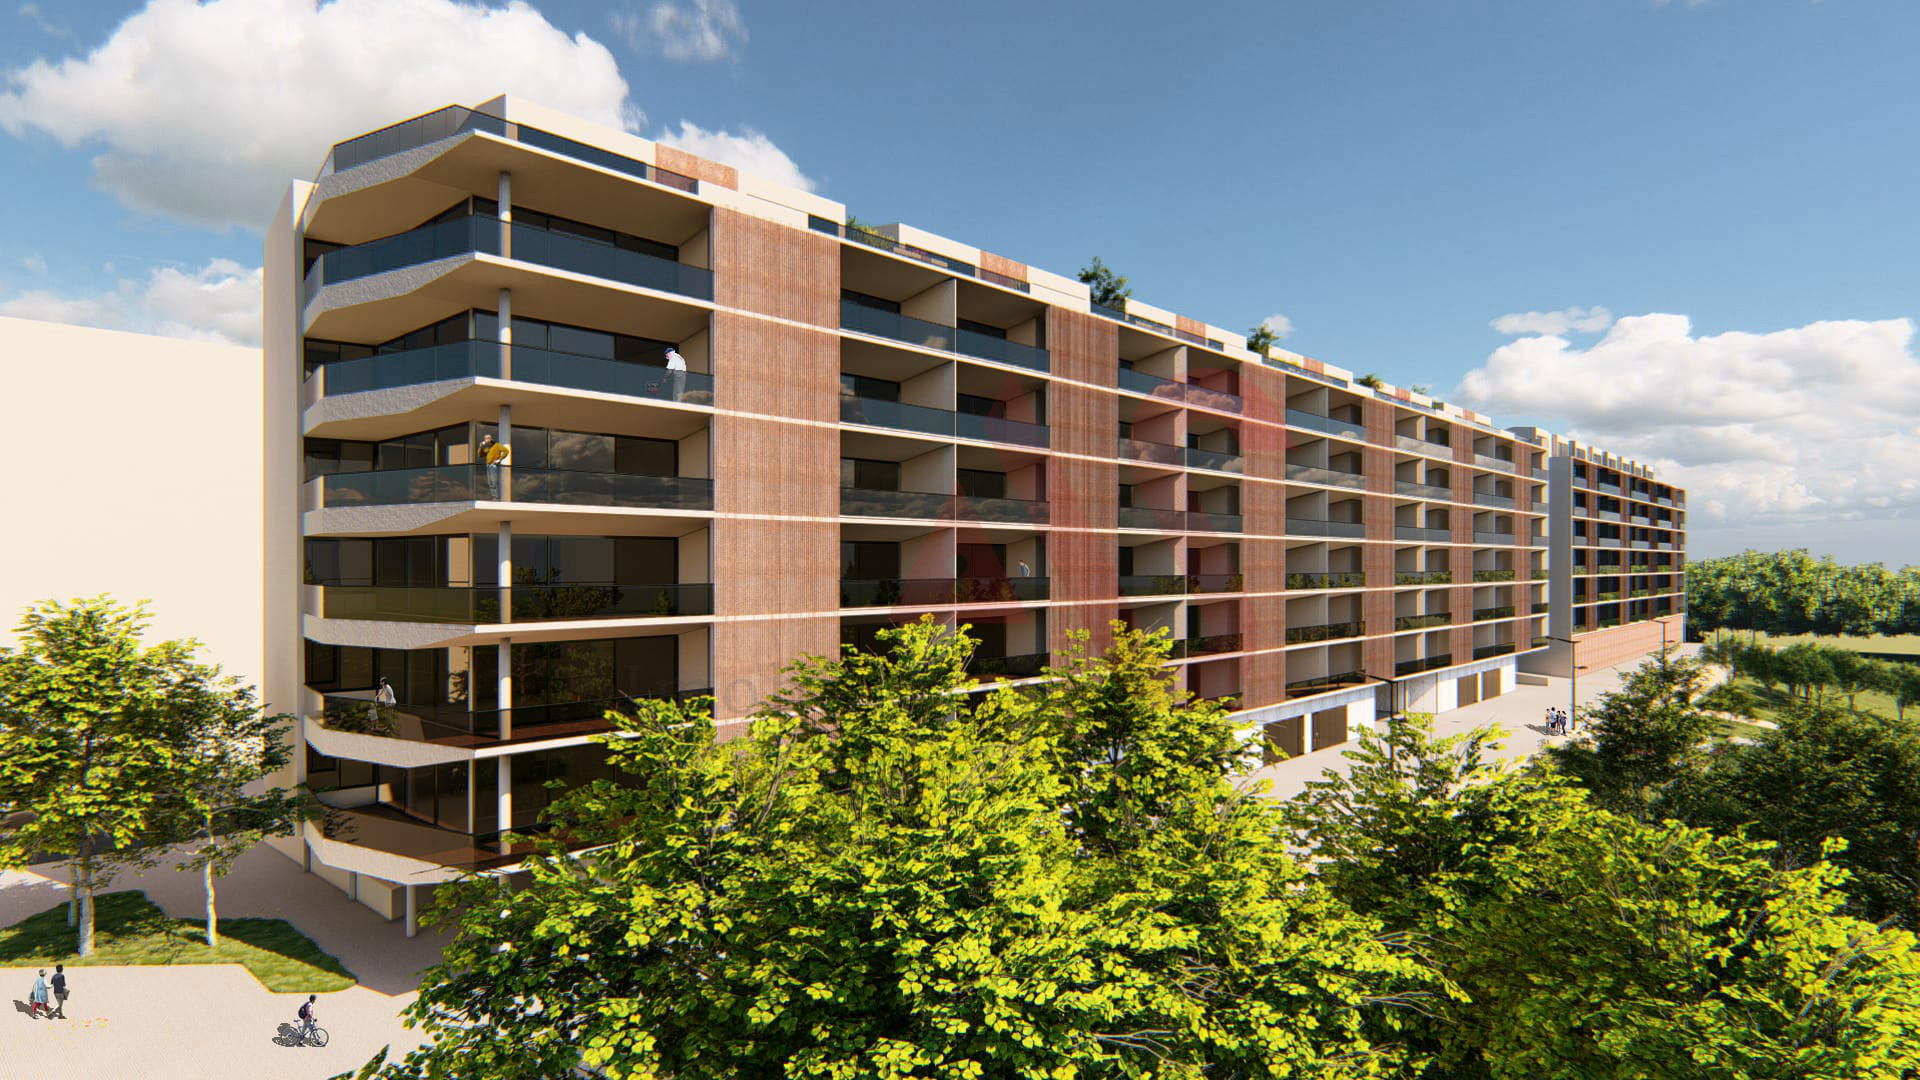 Magnífico Apartamento T3, no empreendimento Rio Ave Terrasse II, nas margens do Rio Ave